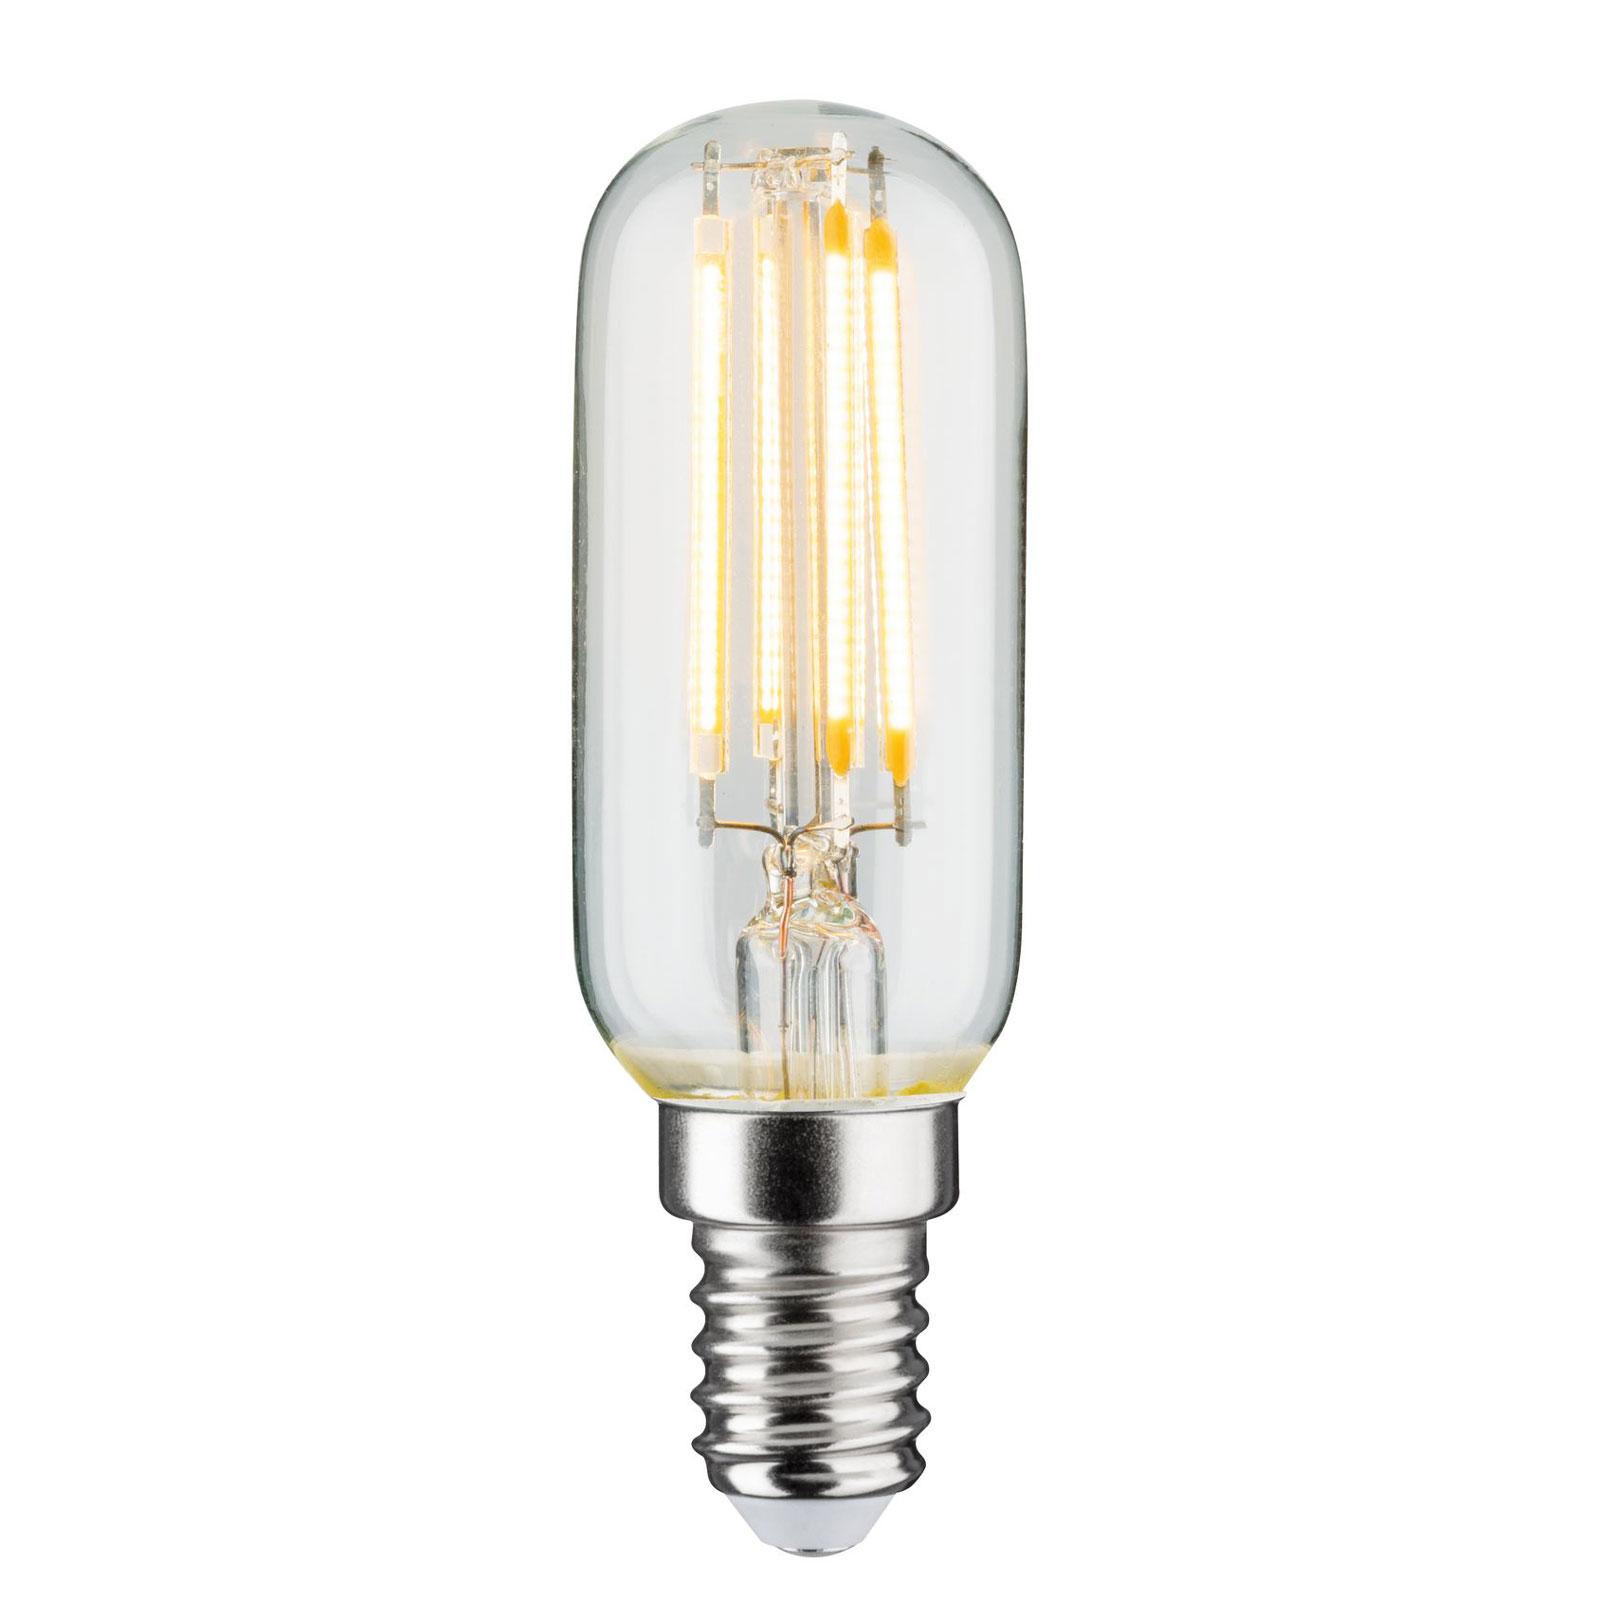 LED-pære E14 4,8 W Filament 2700K rør klar